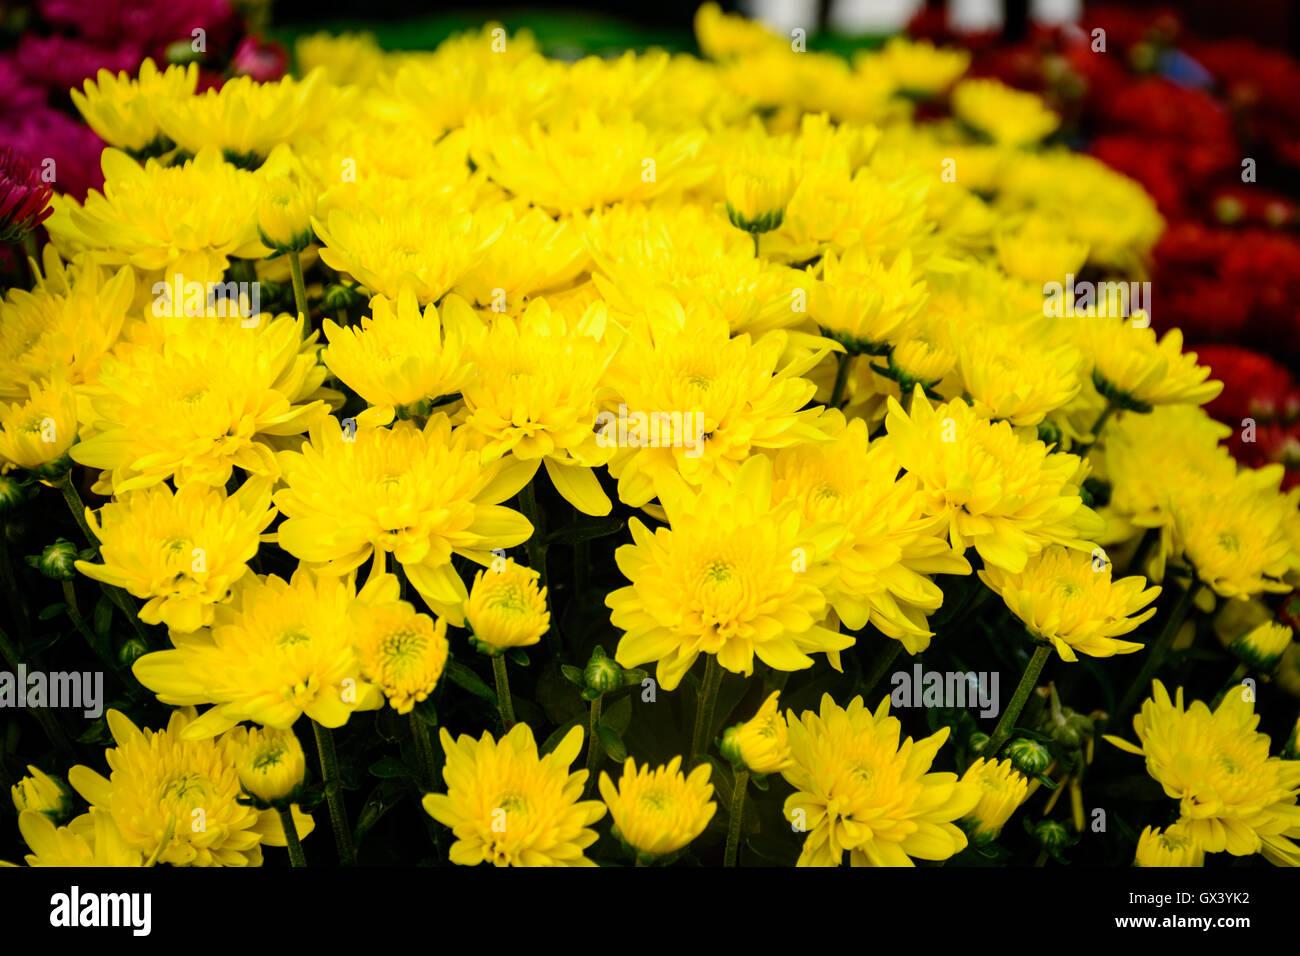 Gelbe Chrysanthemen Im Herbst Chrysantheme Ist Immer Das Symbol Des